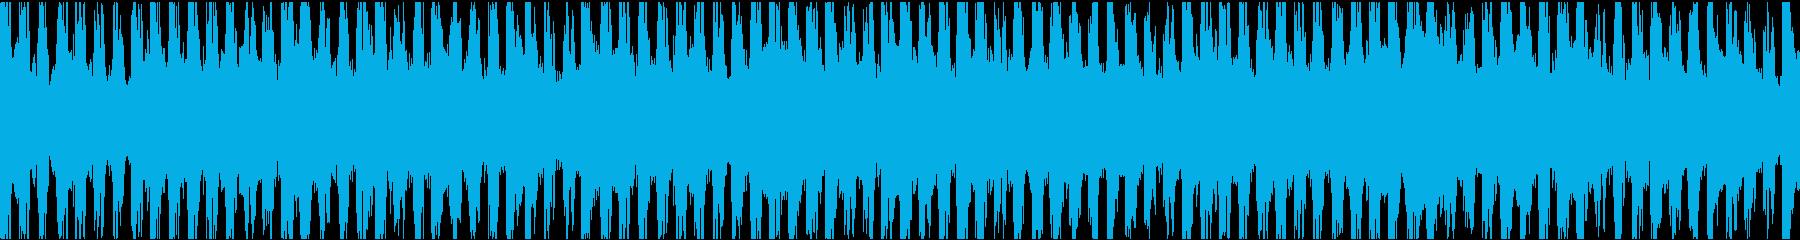 キラキラしたシンセの45秒ループ 買い物の再生済みの波形